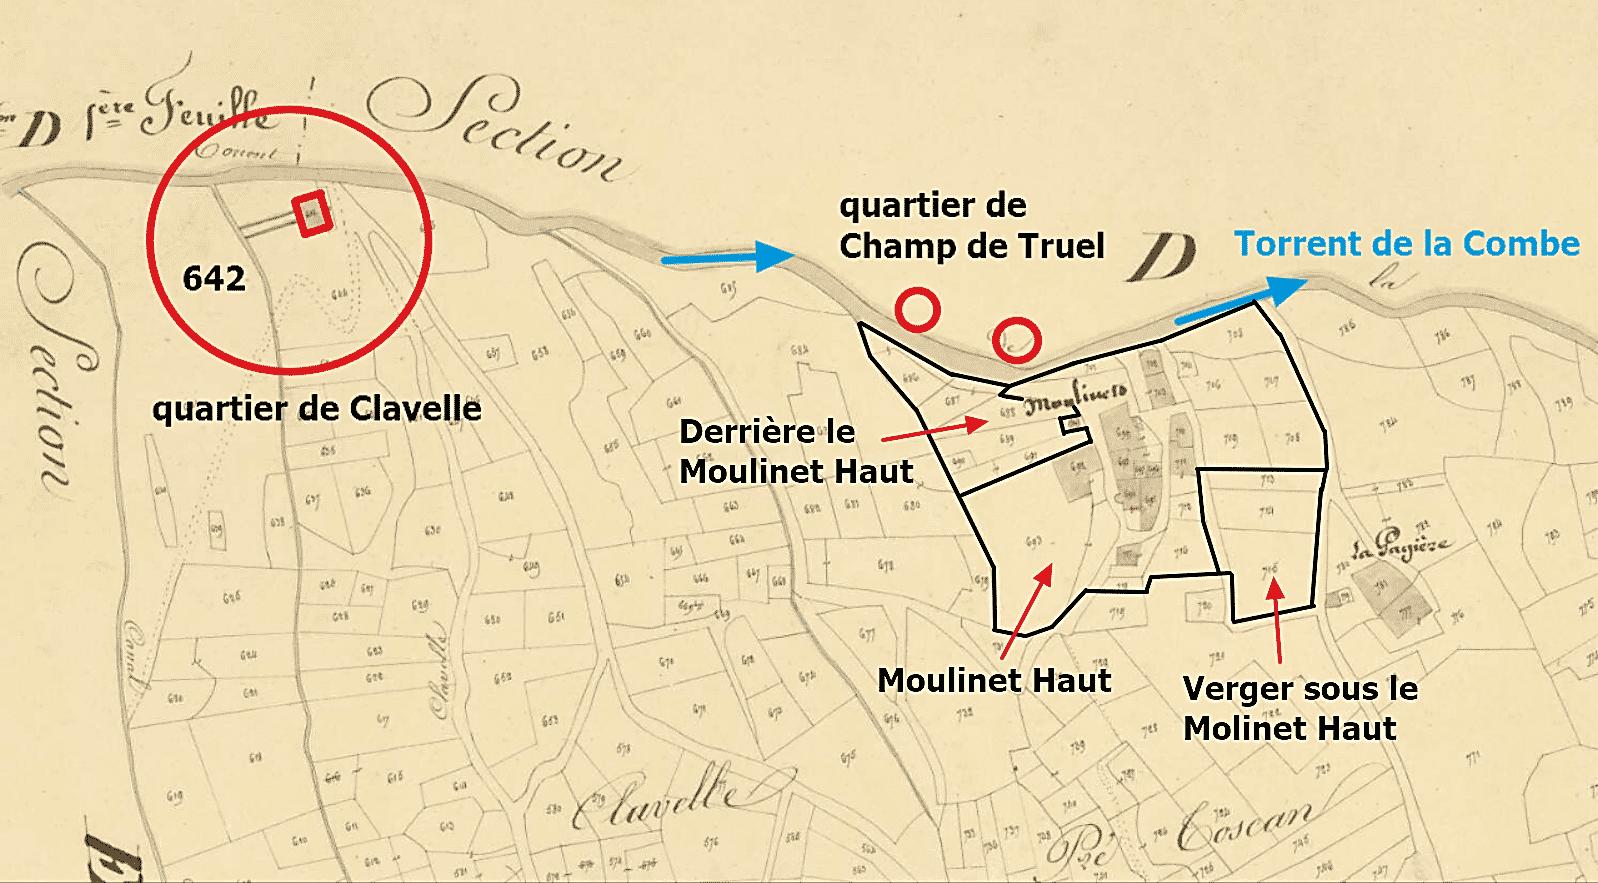 le quartier des Moulinets Hauts